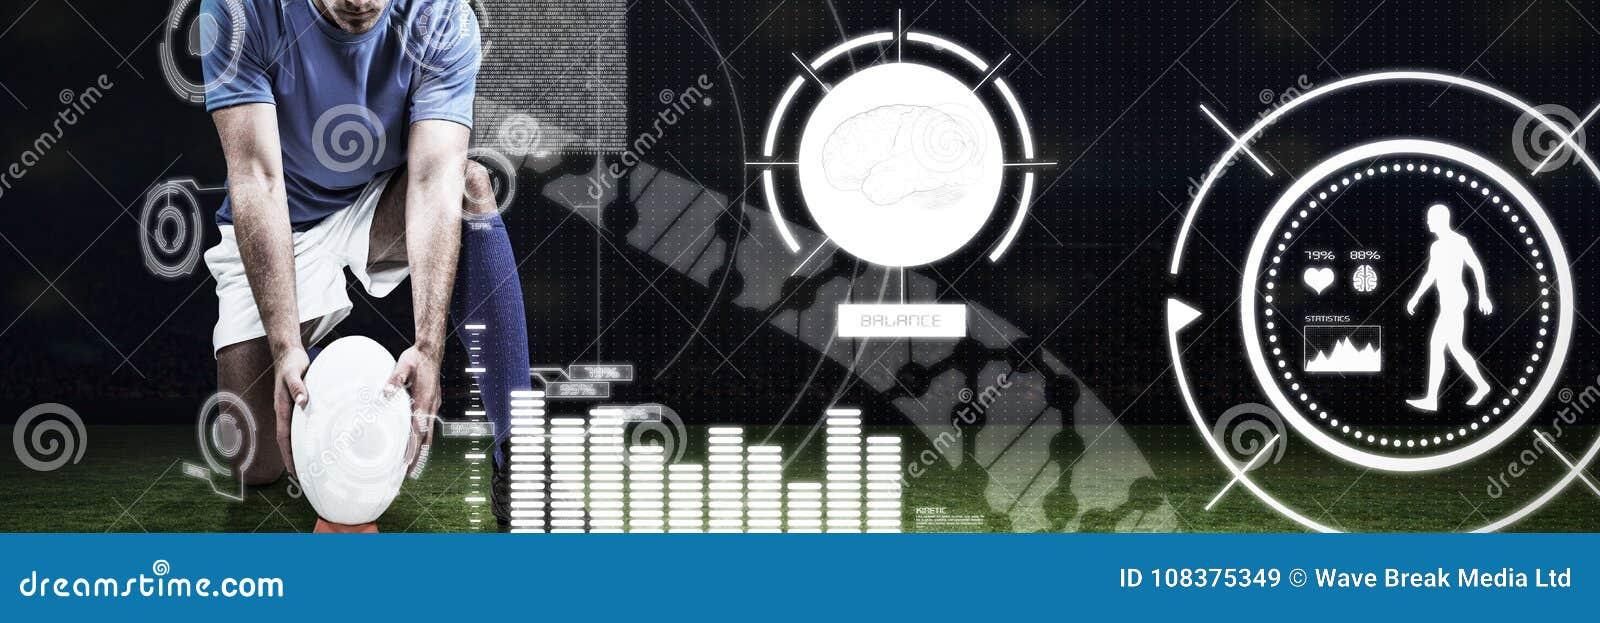 Samengesteld beeld van digitaal samengesteld beeld van de plaatsende bal van de rugbyspeler